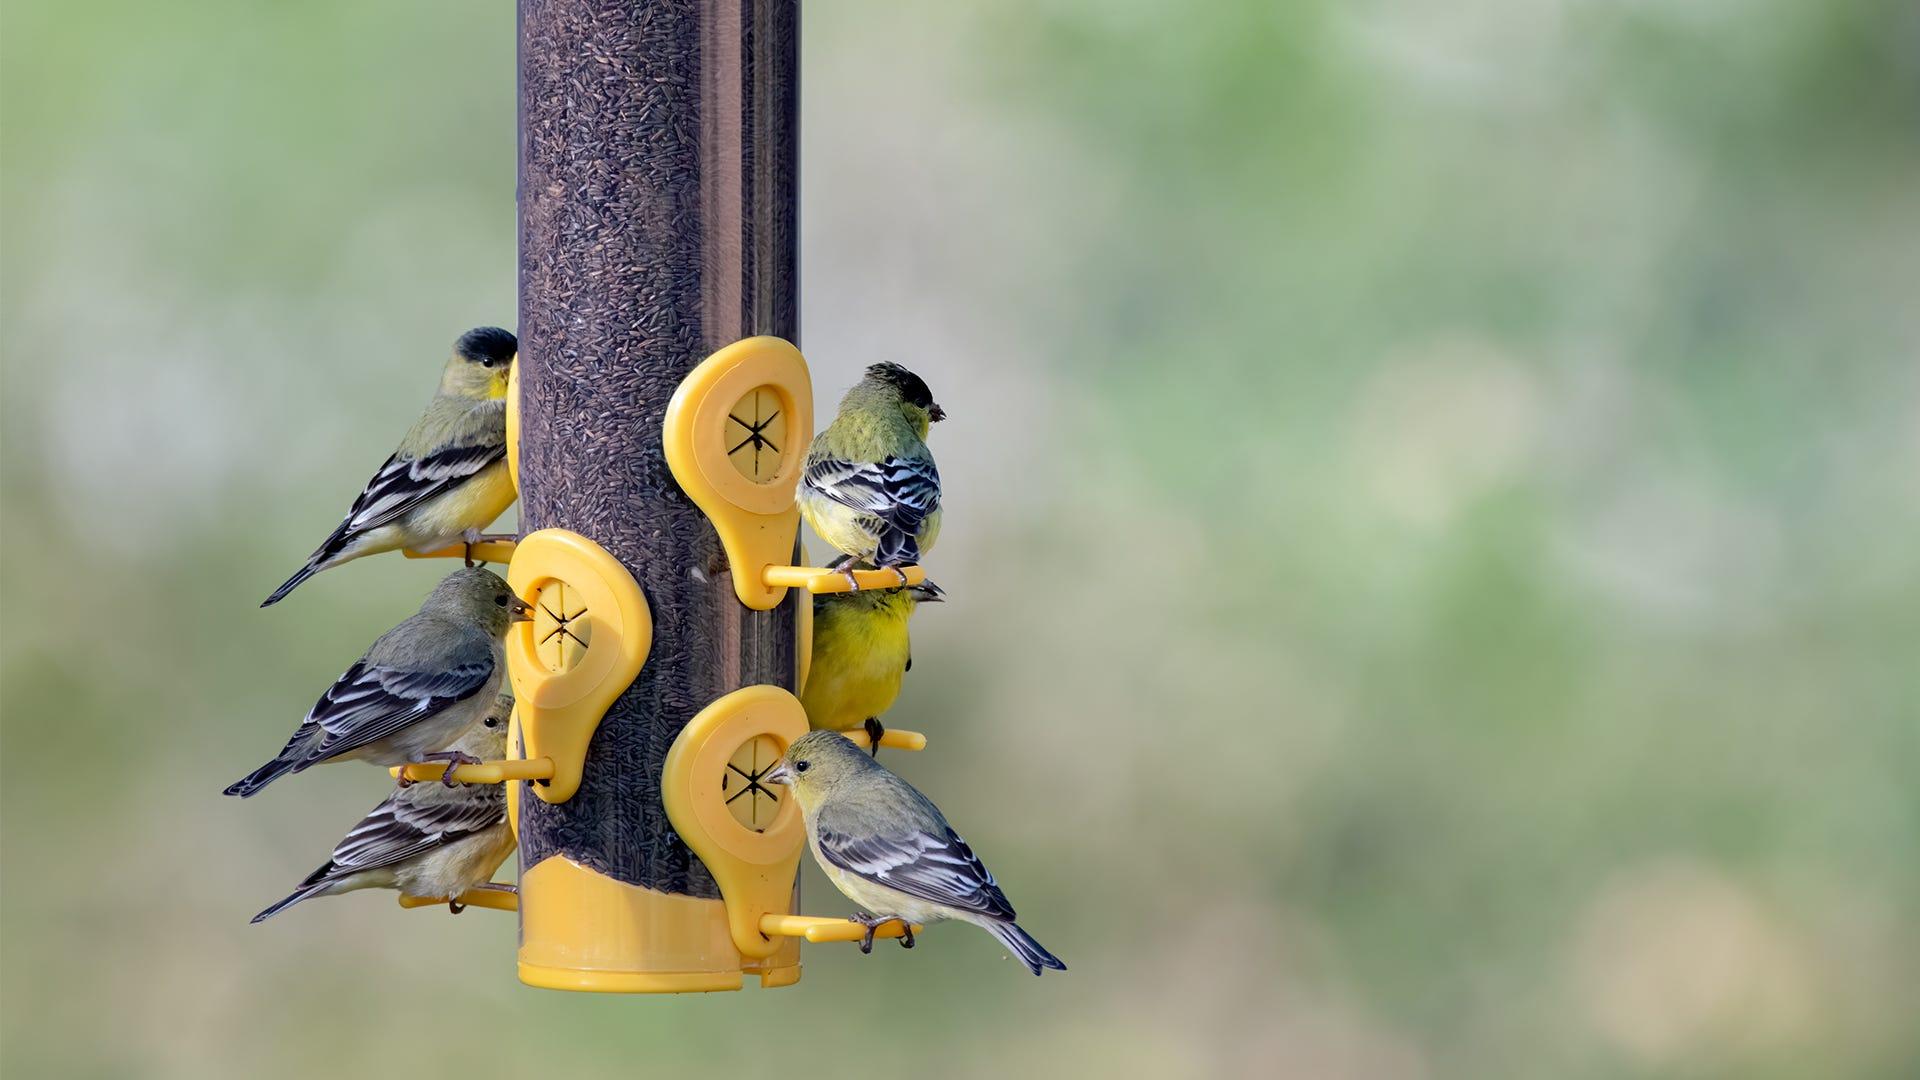 Bird Feeding on a Budget